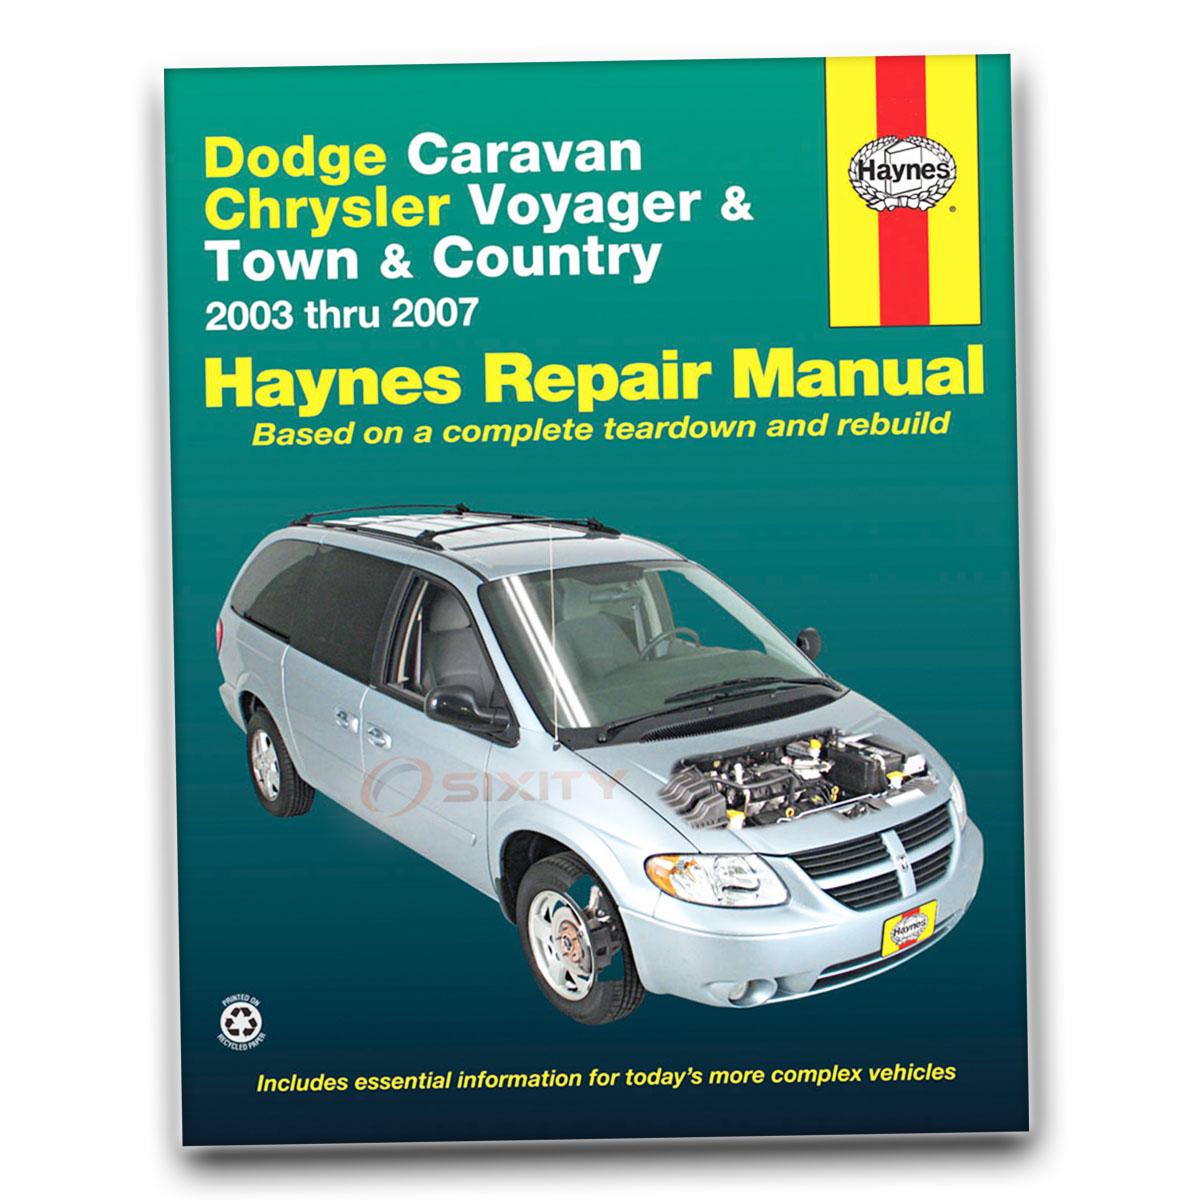 07 2007 Dodge Caravan owners manual